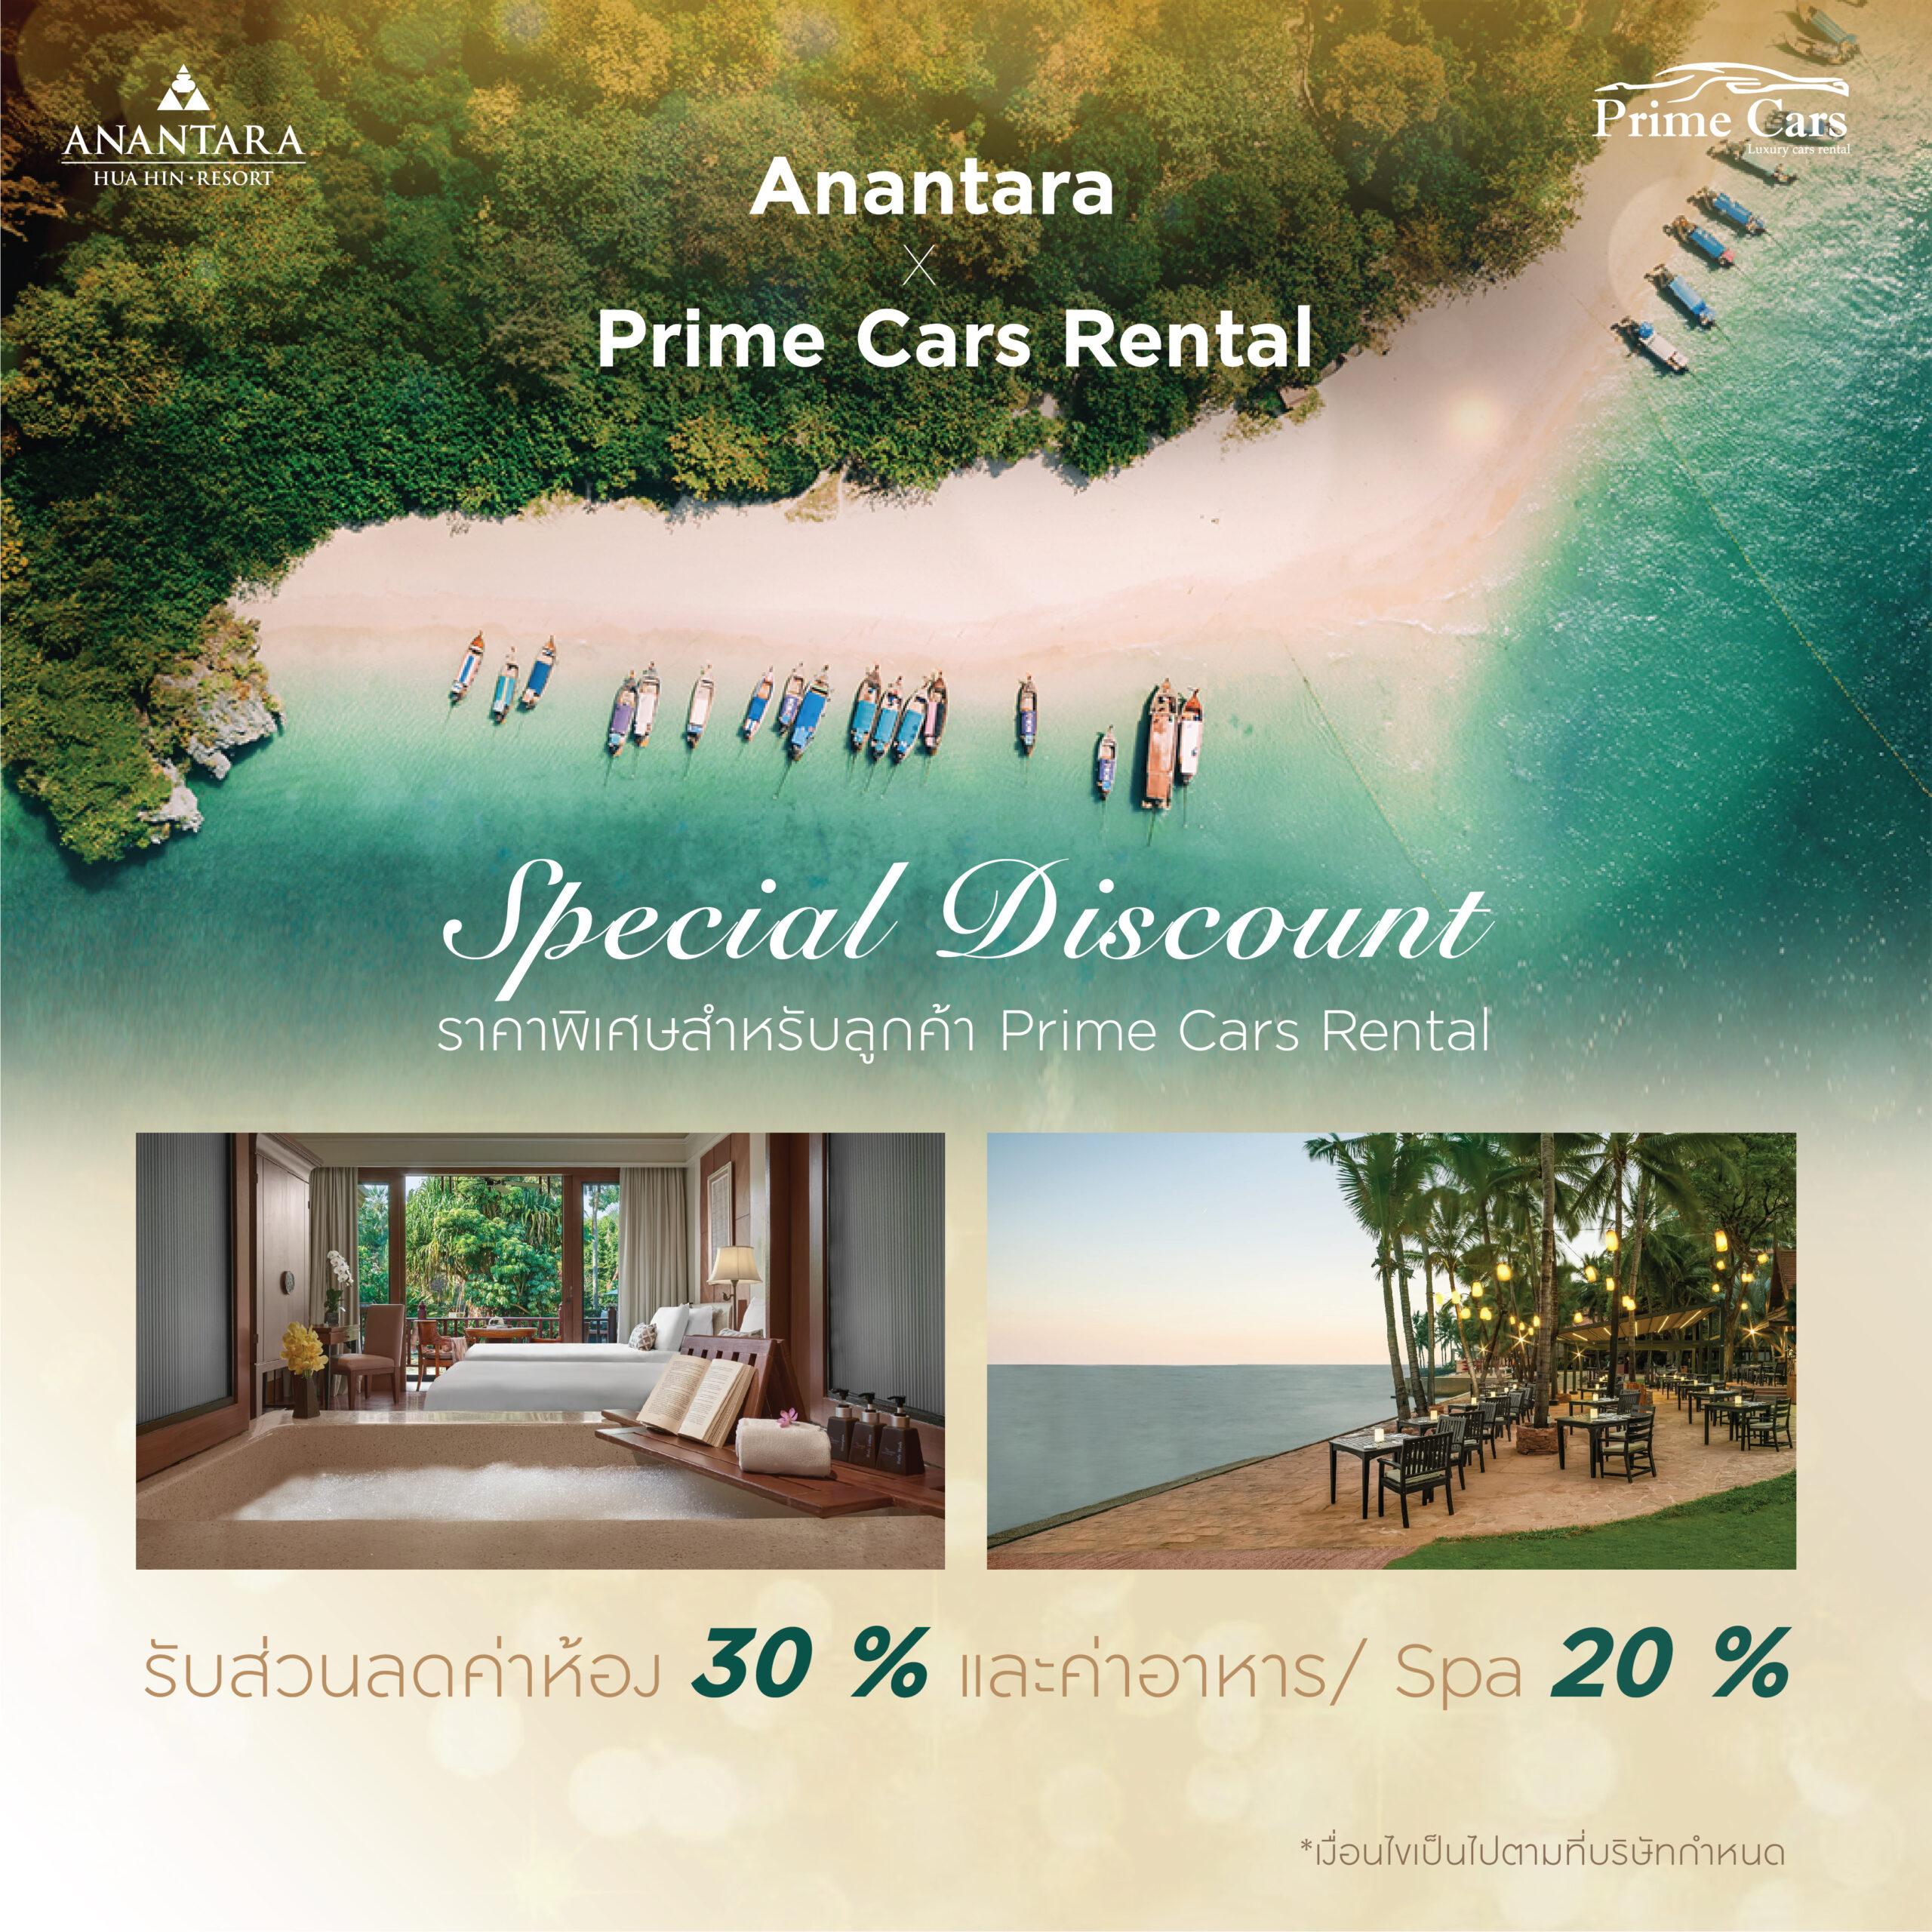 เช่ารถหรู Anantara x Prime Cars Rental มอบส่วนลดพิเศษที่โรงแรมอนันตรา